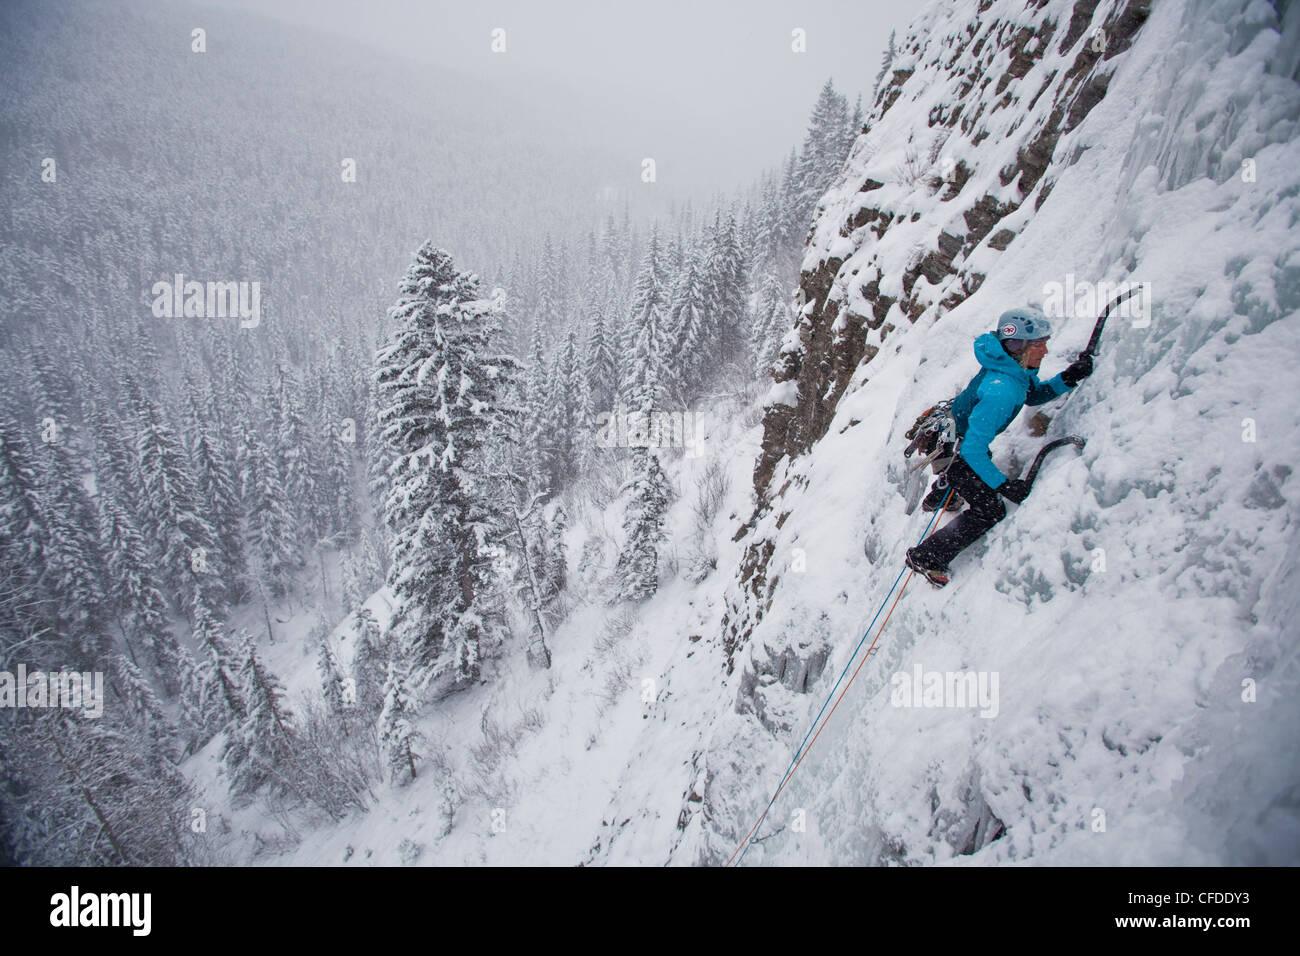 Una mujer fuerte, escalador trepa hielo Moonlight WI4, incluso Thomas Creek, Kananaskis, Alberta, Canadá Imagen De Stock